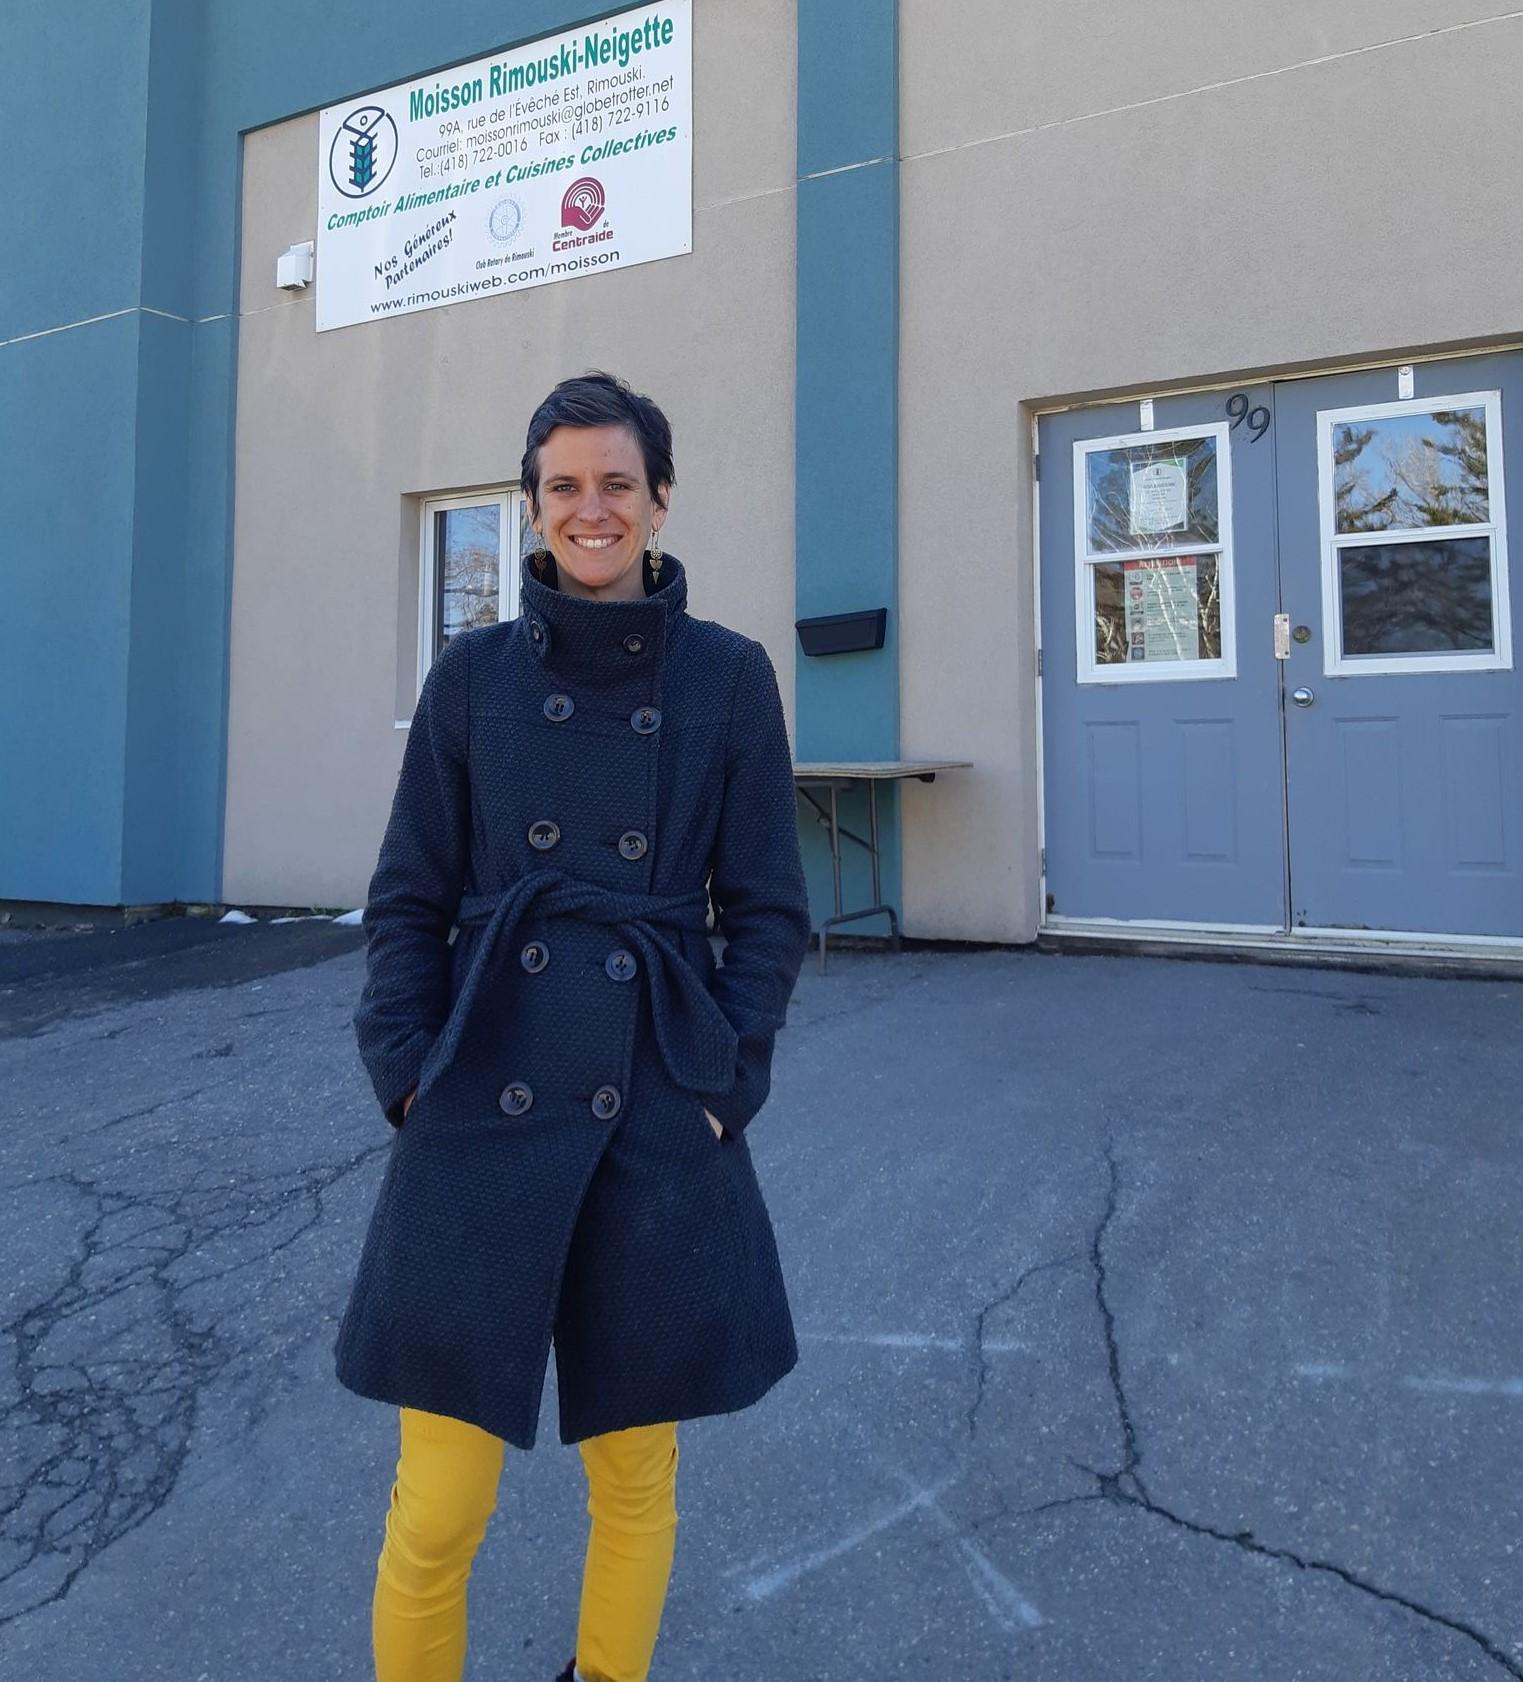 La nouvelle directrice générale de Moisson Rimouski-Neigette, Sophie Lajoie.